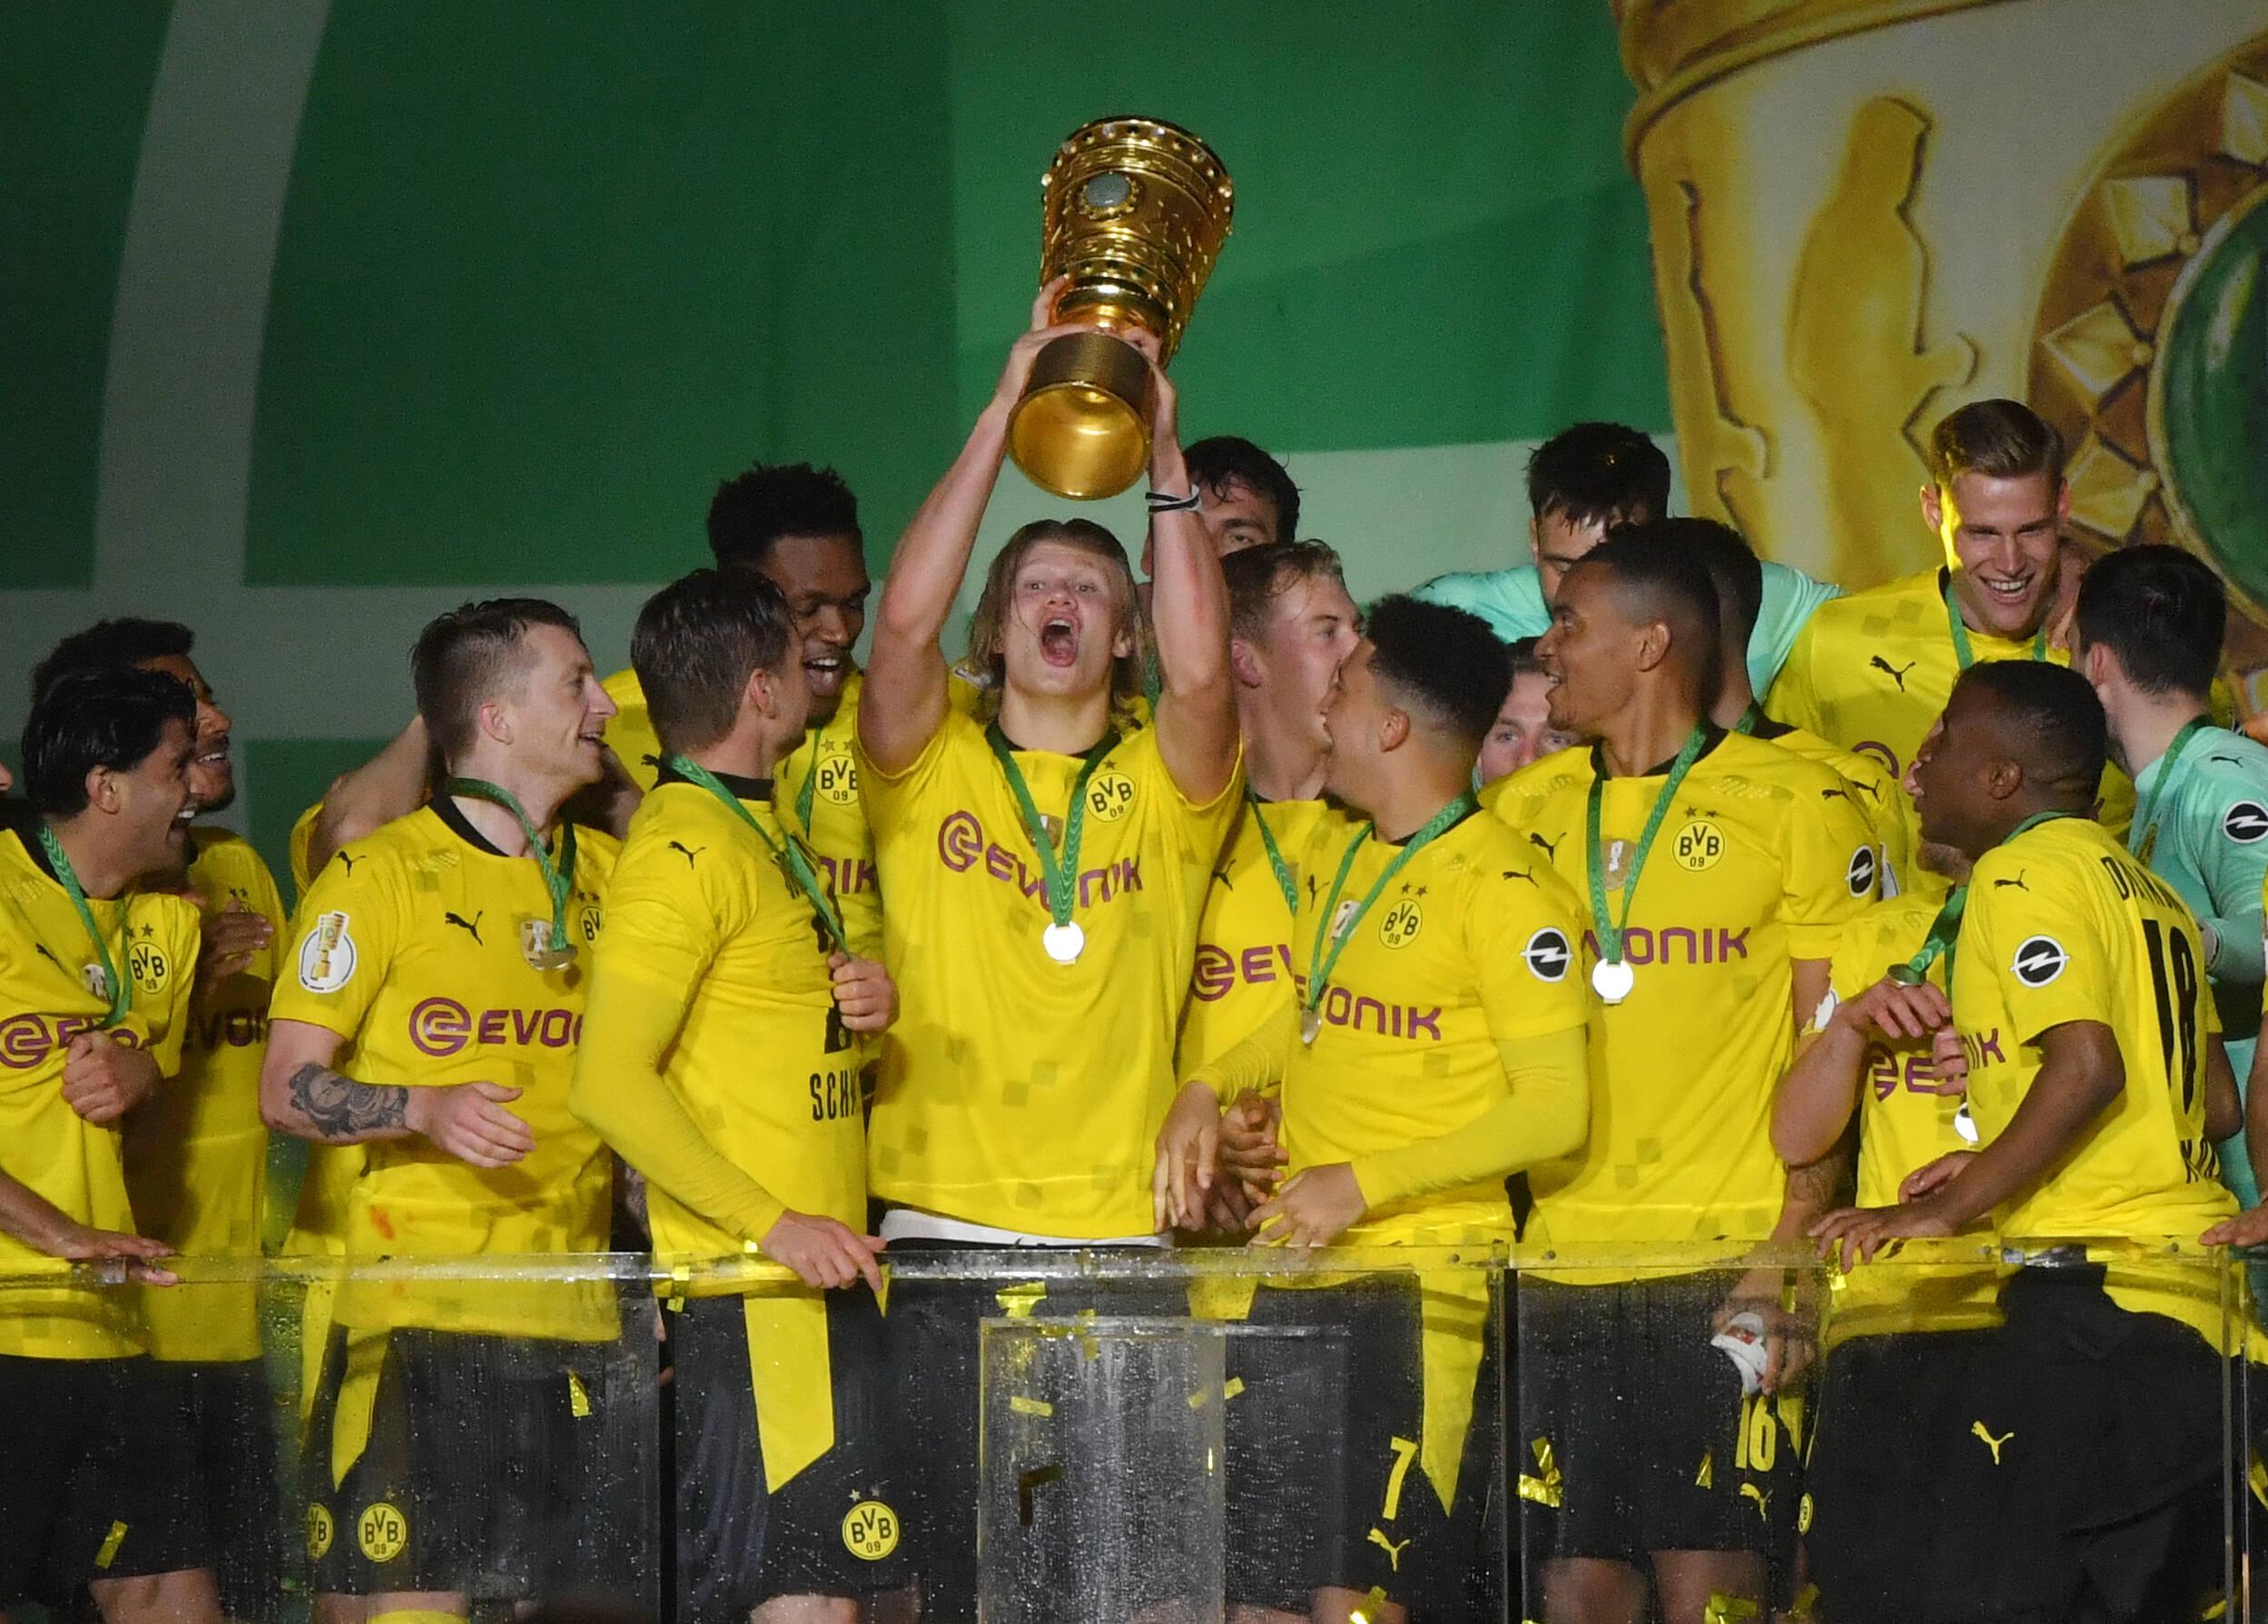 Erling Haaland levanta la DFB Pokal ganado por Borussia Dortmund la temporada pasada. Foto: Imago.